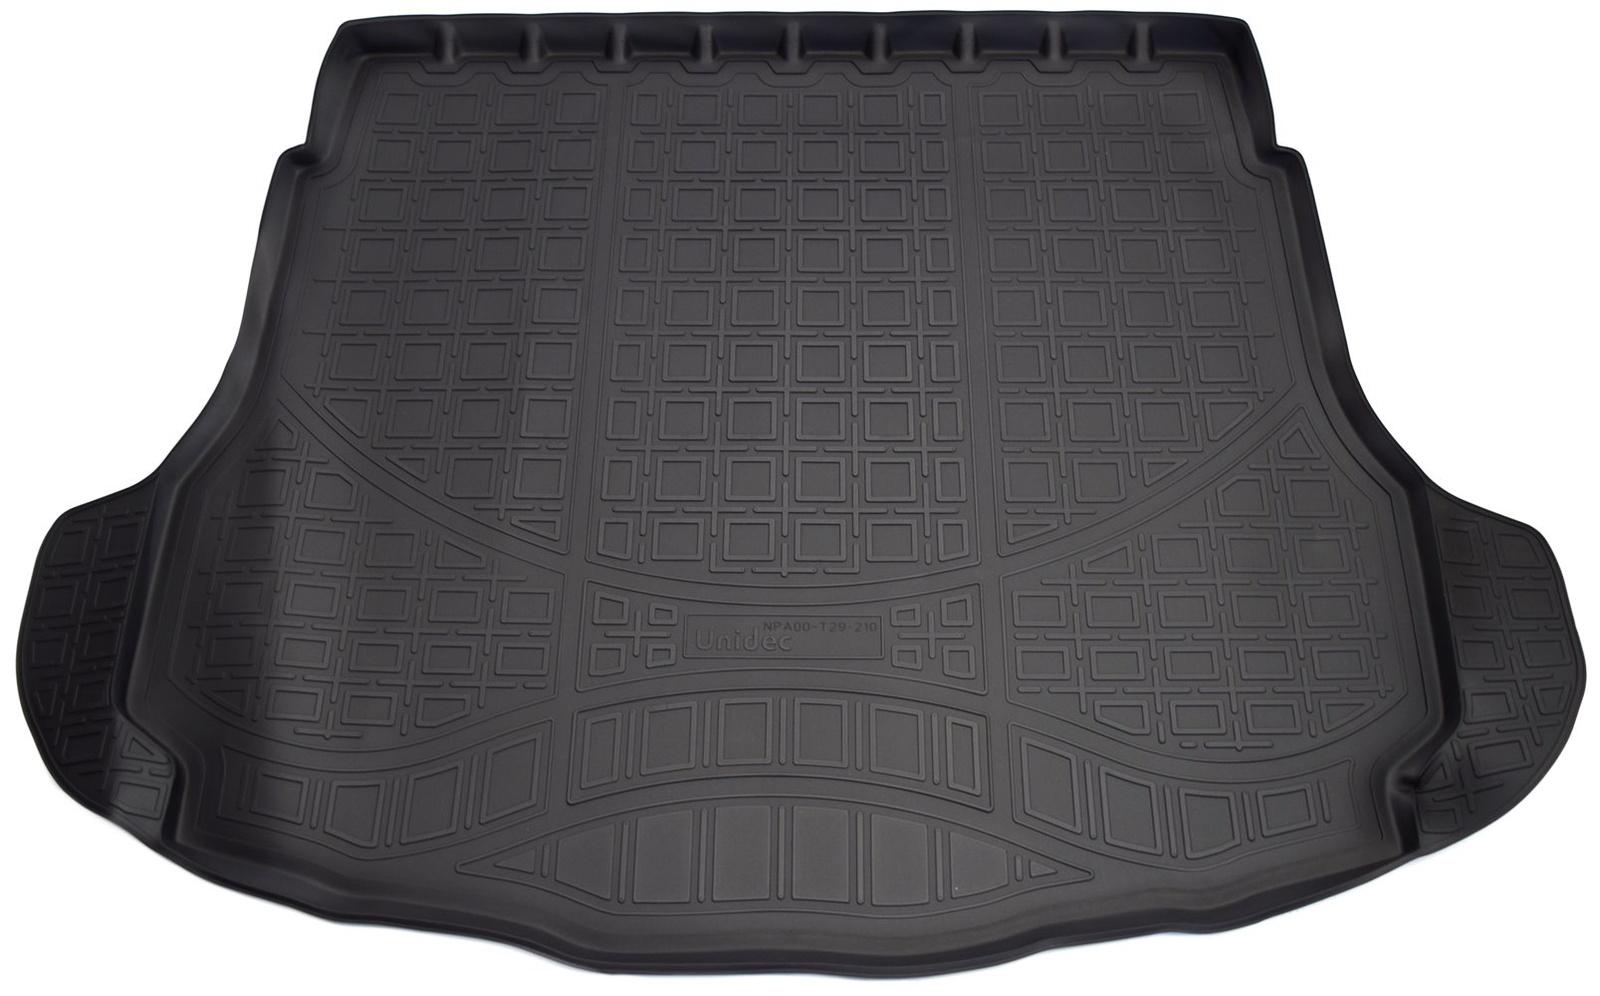 Коврик багажника Norplast для Great Wall Hover H6 2012, NPA00-T29-210, черный комплект ковриков в салон автомобиля novline autofamily great wall hover h6 2012 elegant